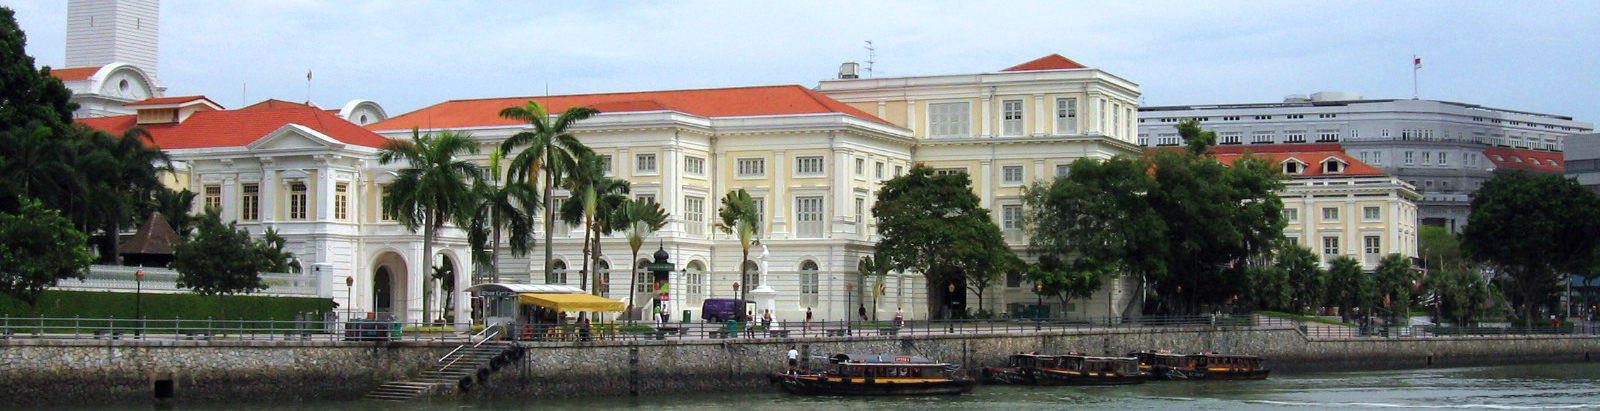 【新訊】新加坡政府結合民間基金會 重金購藏古沈船文物展現文化強國雄心